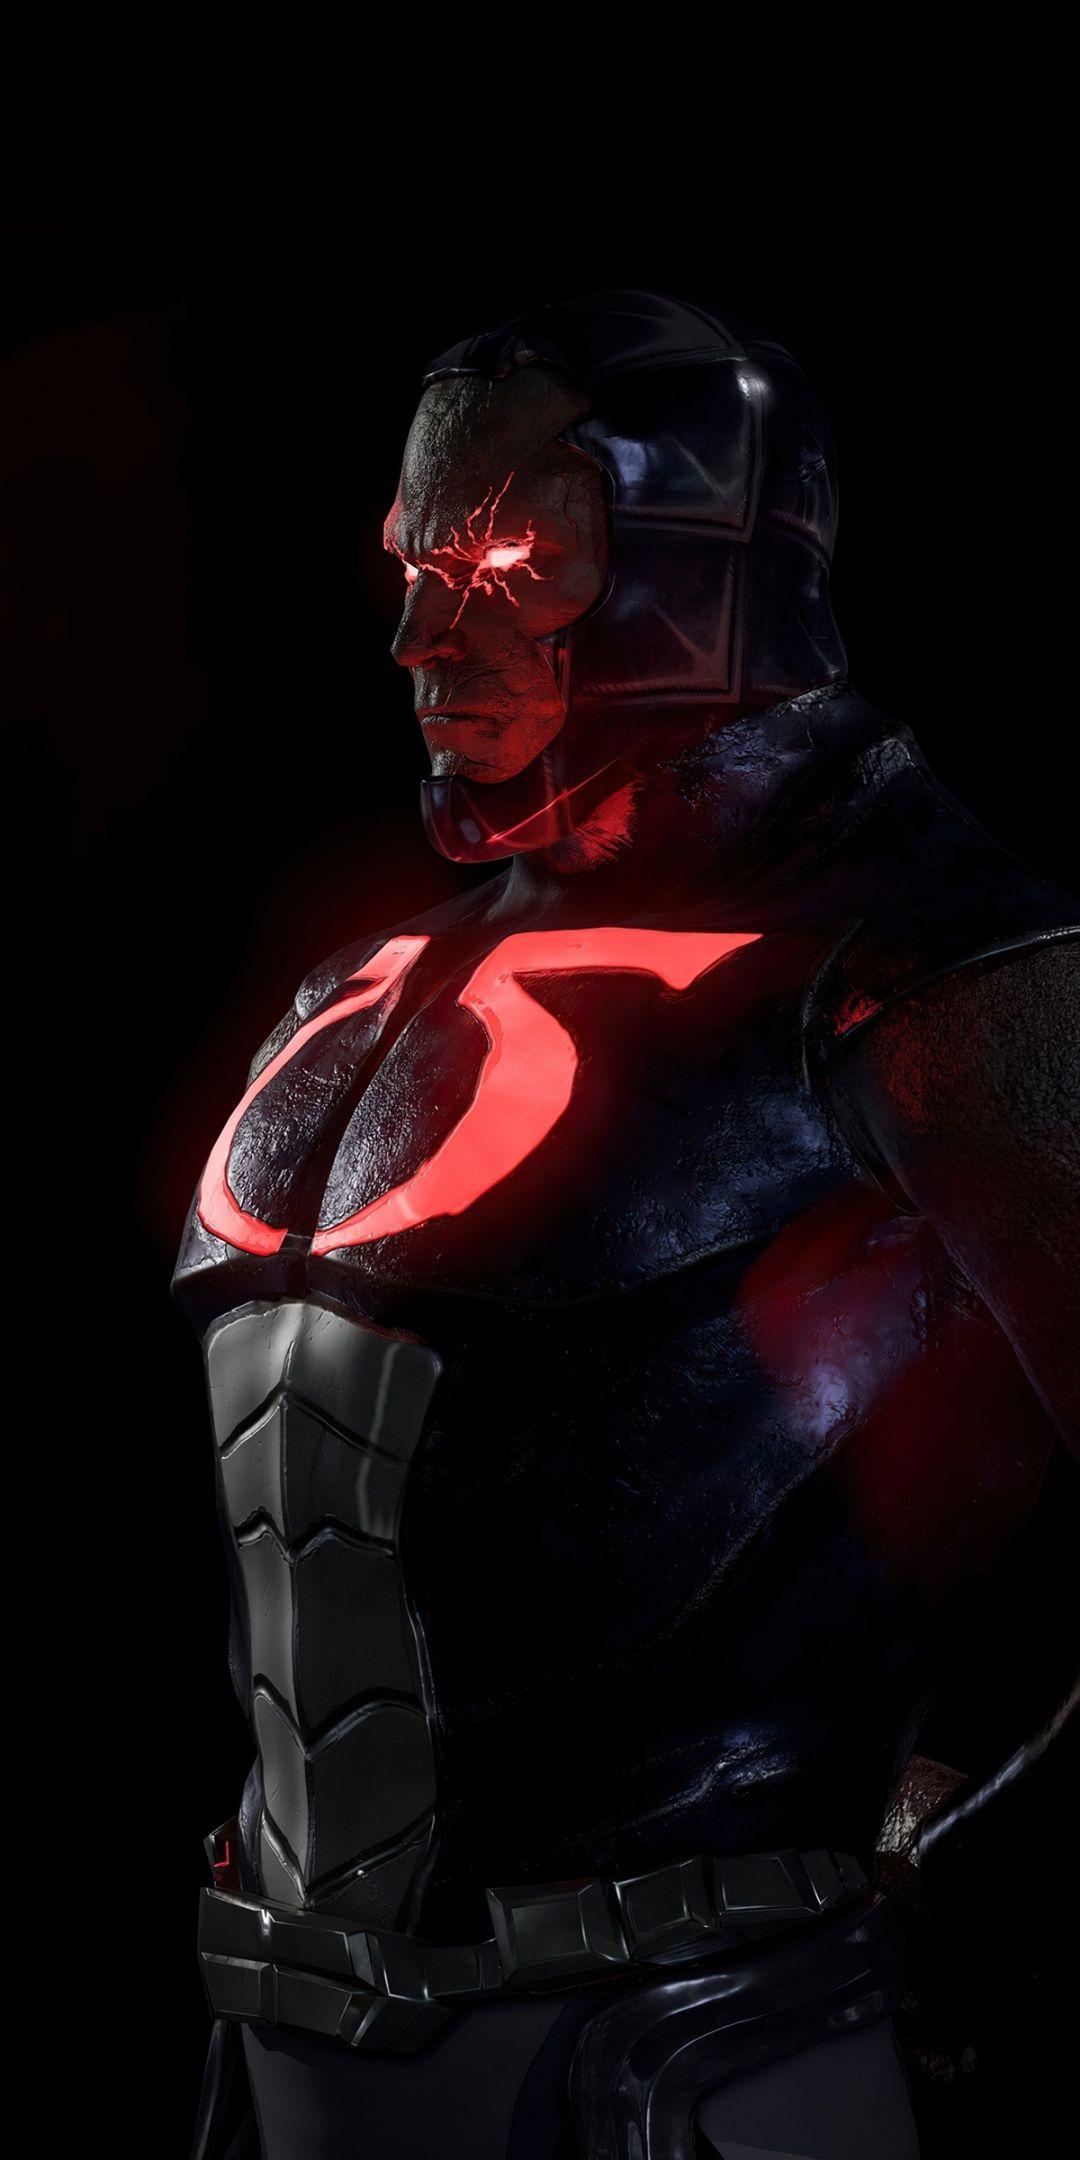 1080x2160 2020 Super Villain Darkseid Dark Wallpaper Comic Book Villains Comic Villains Dc Comics Art